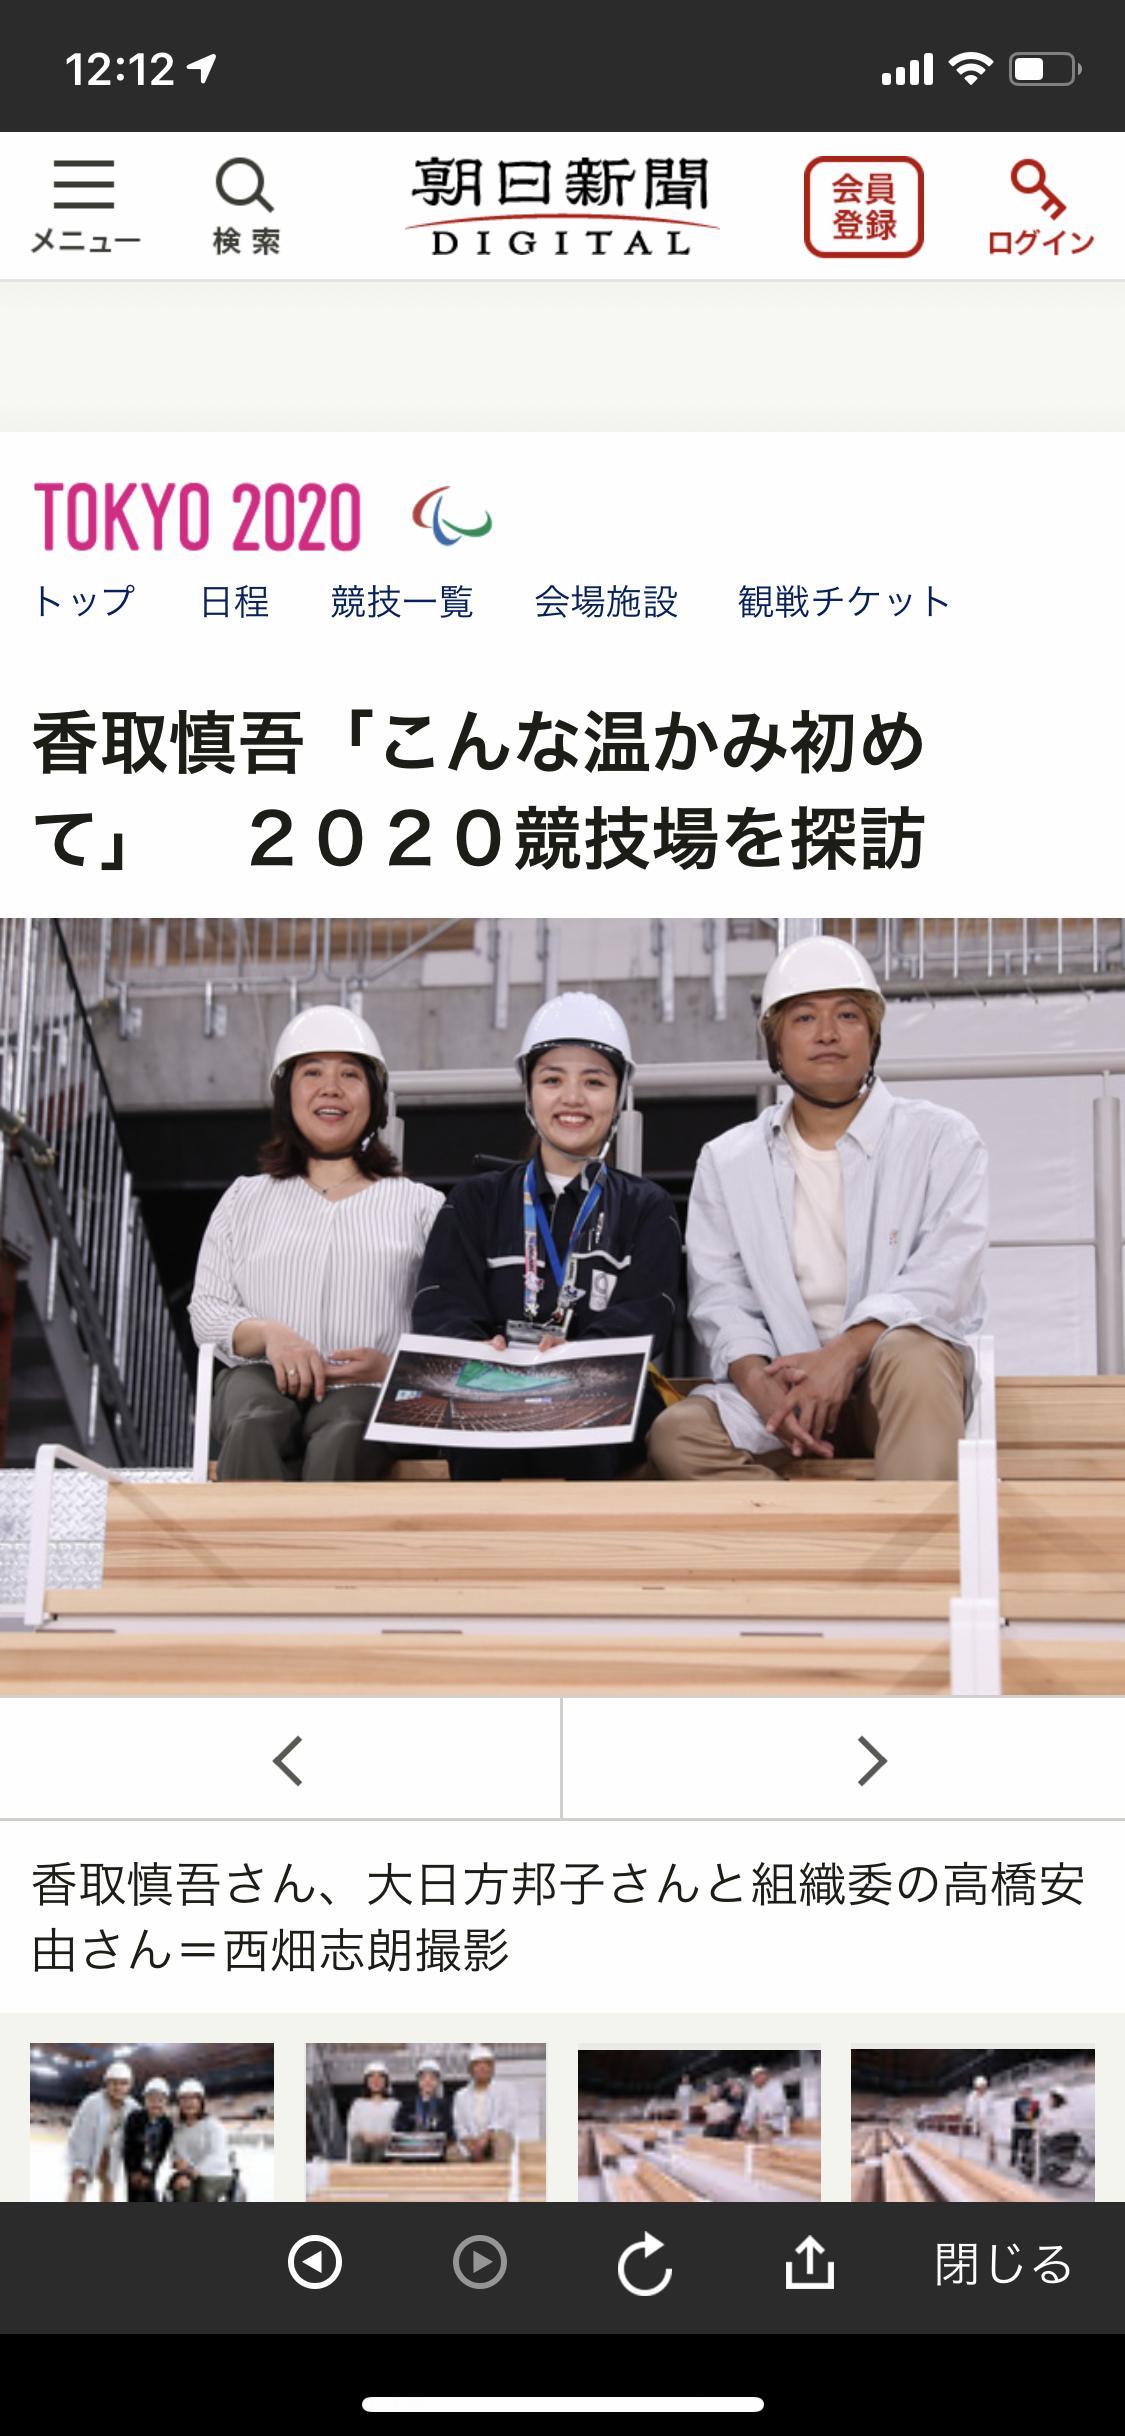 【五輪マラソン】「辞退すべきだ」「泥棒」札幌市に電話やメールで意見200件。市幹部は市長に「カメラの前で笑わないでください」